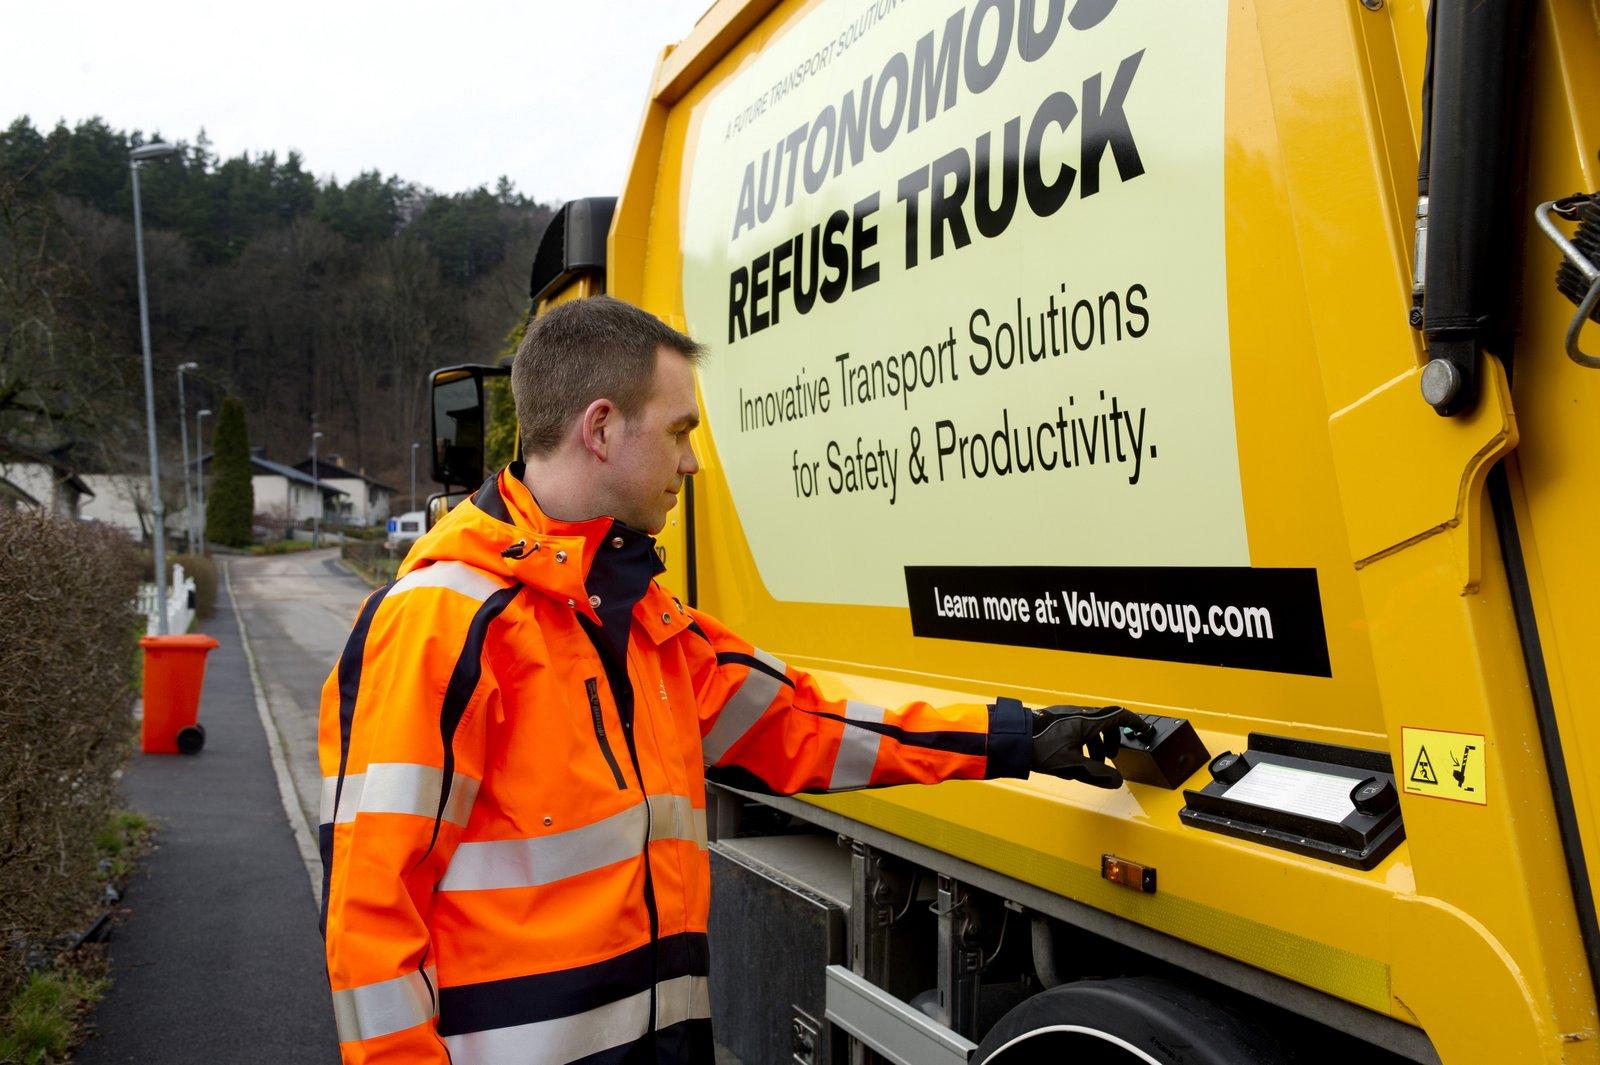 خودرانی برای جمعآوری زباله